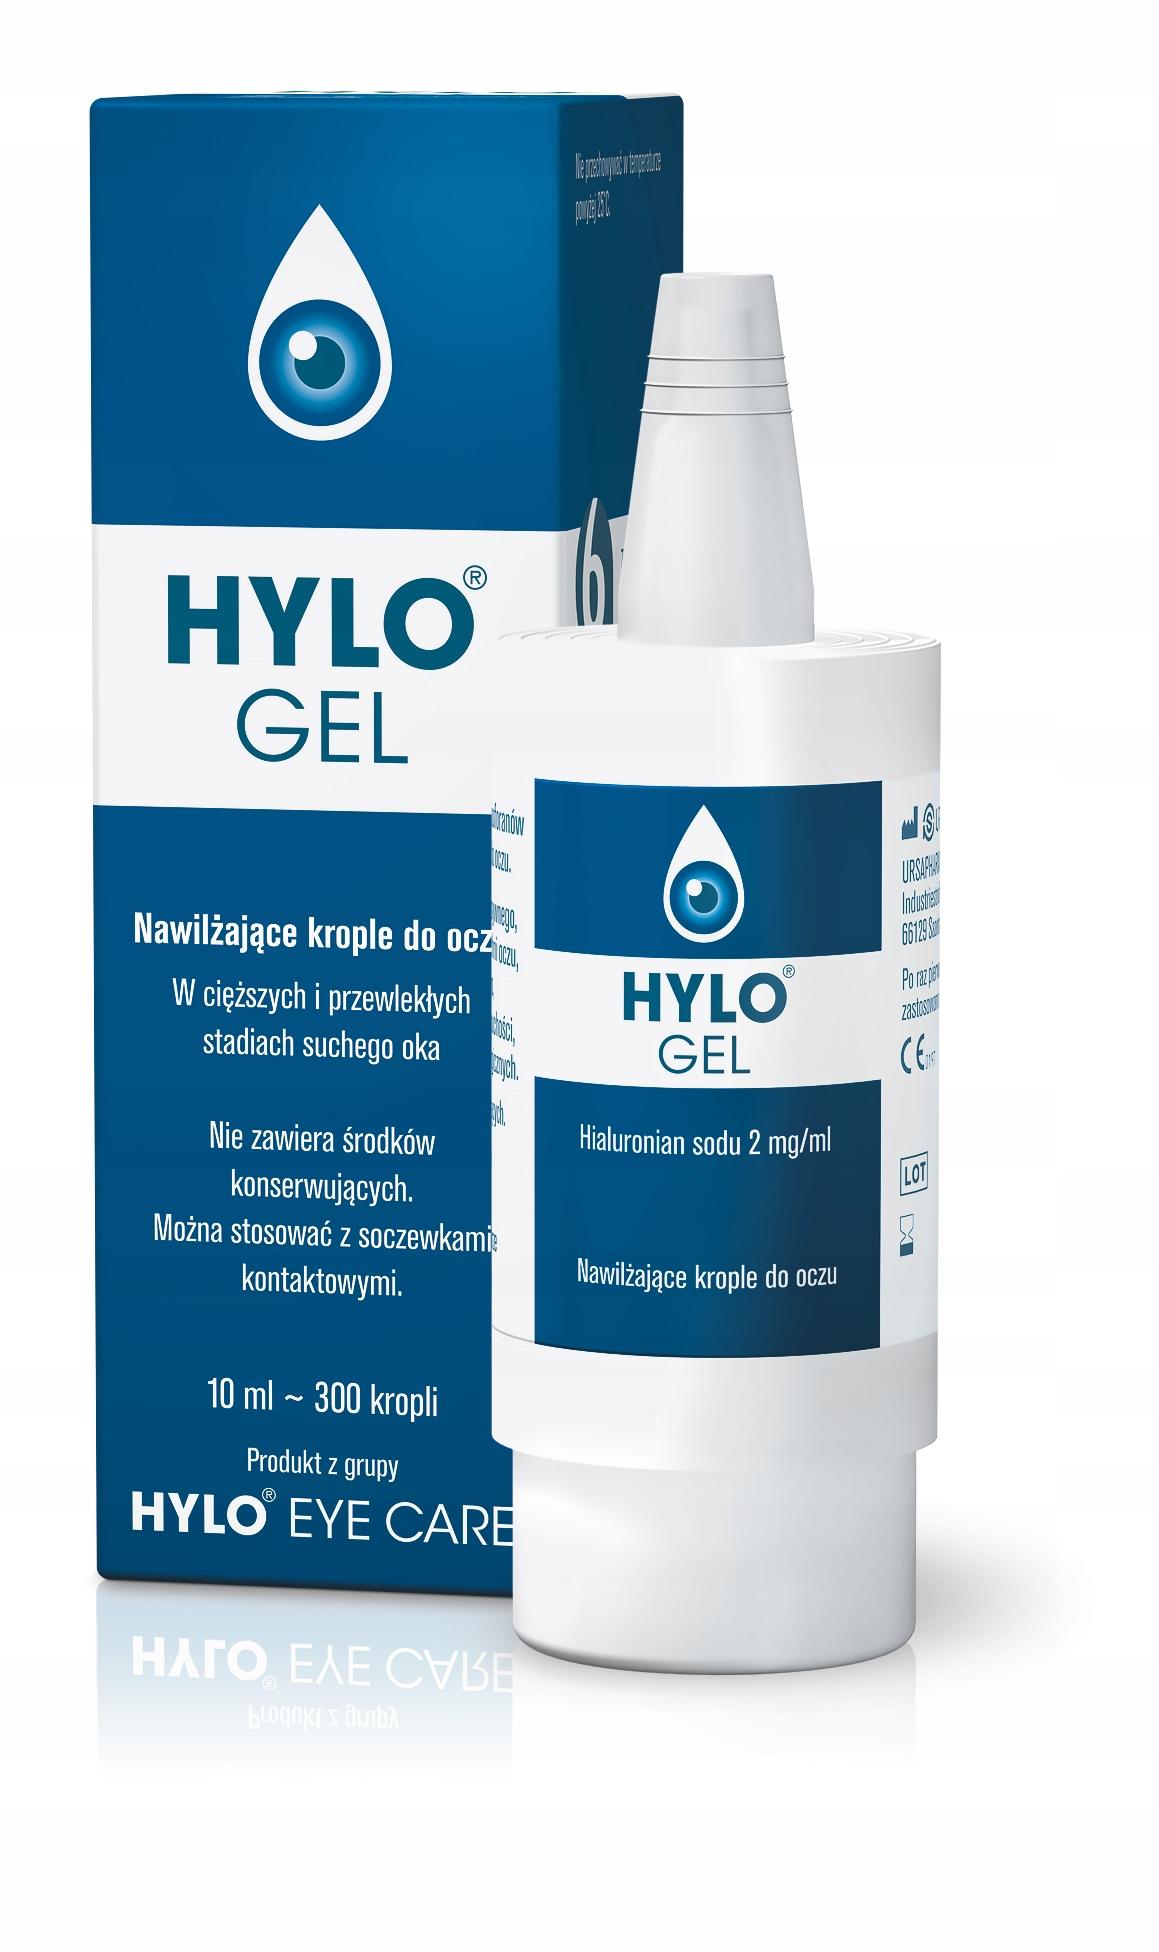 HYLO-GEL krople do oczu 10 ml nawilżające